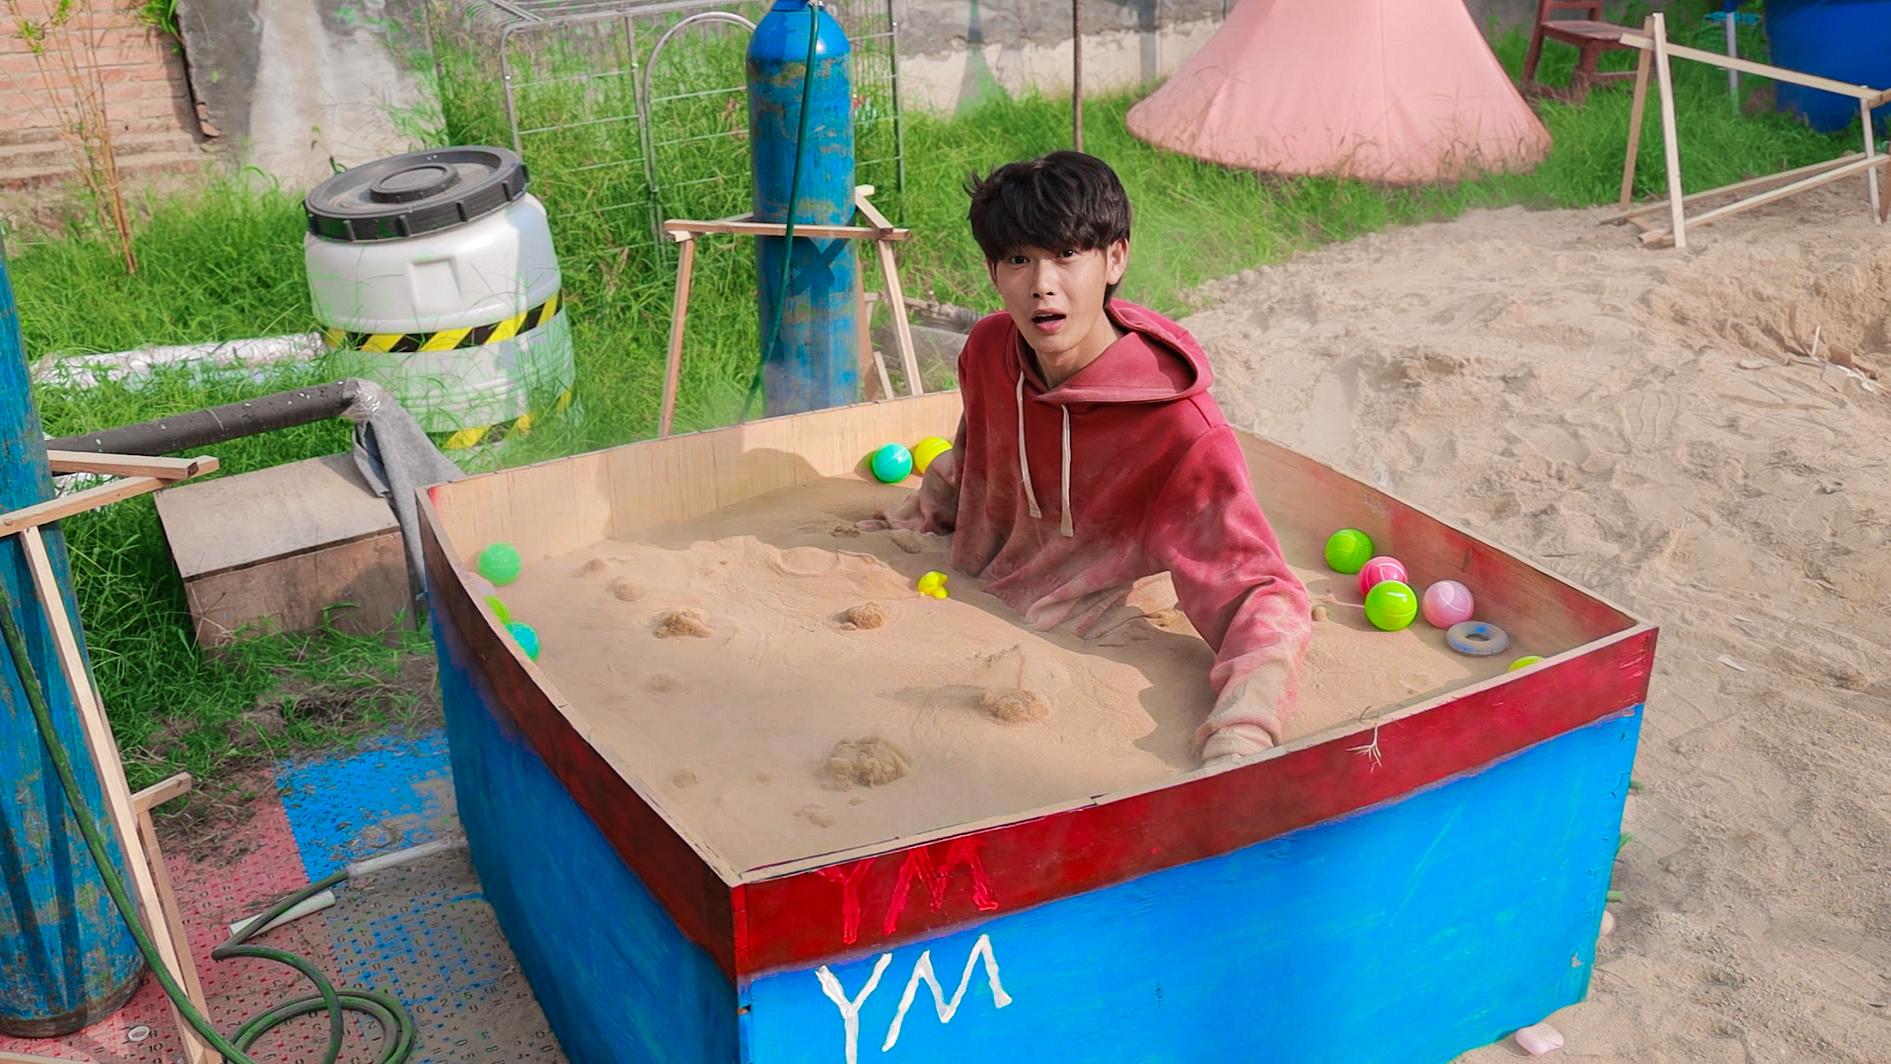 耗时3天制作液体流沙泳池!在沙子里游泳是什么体验?